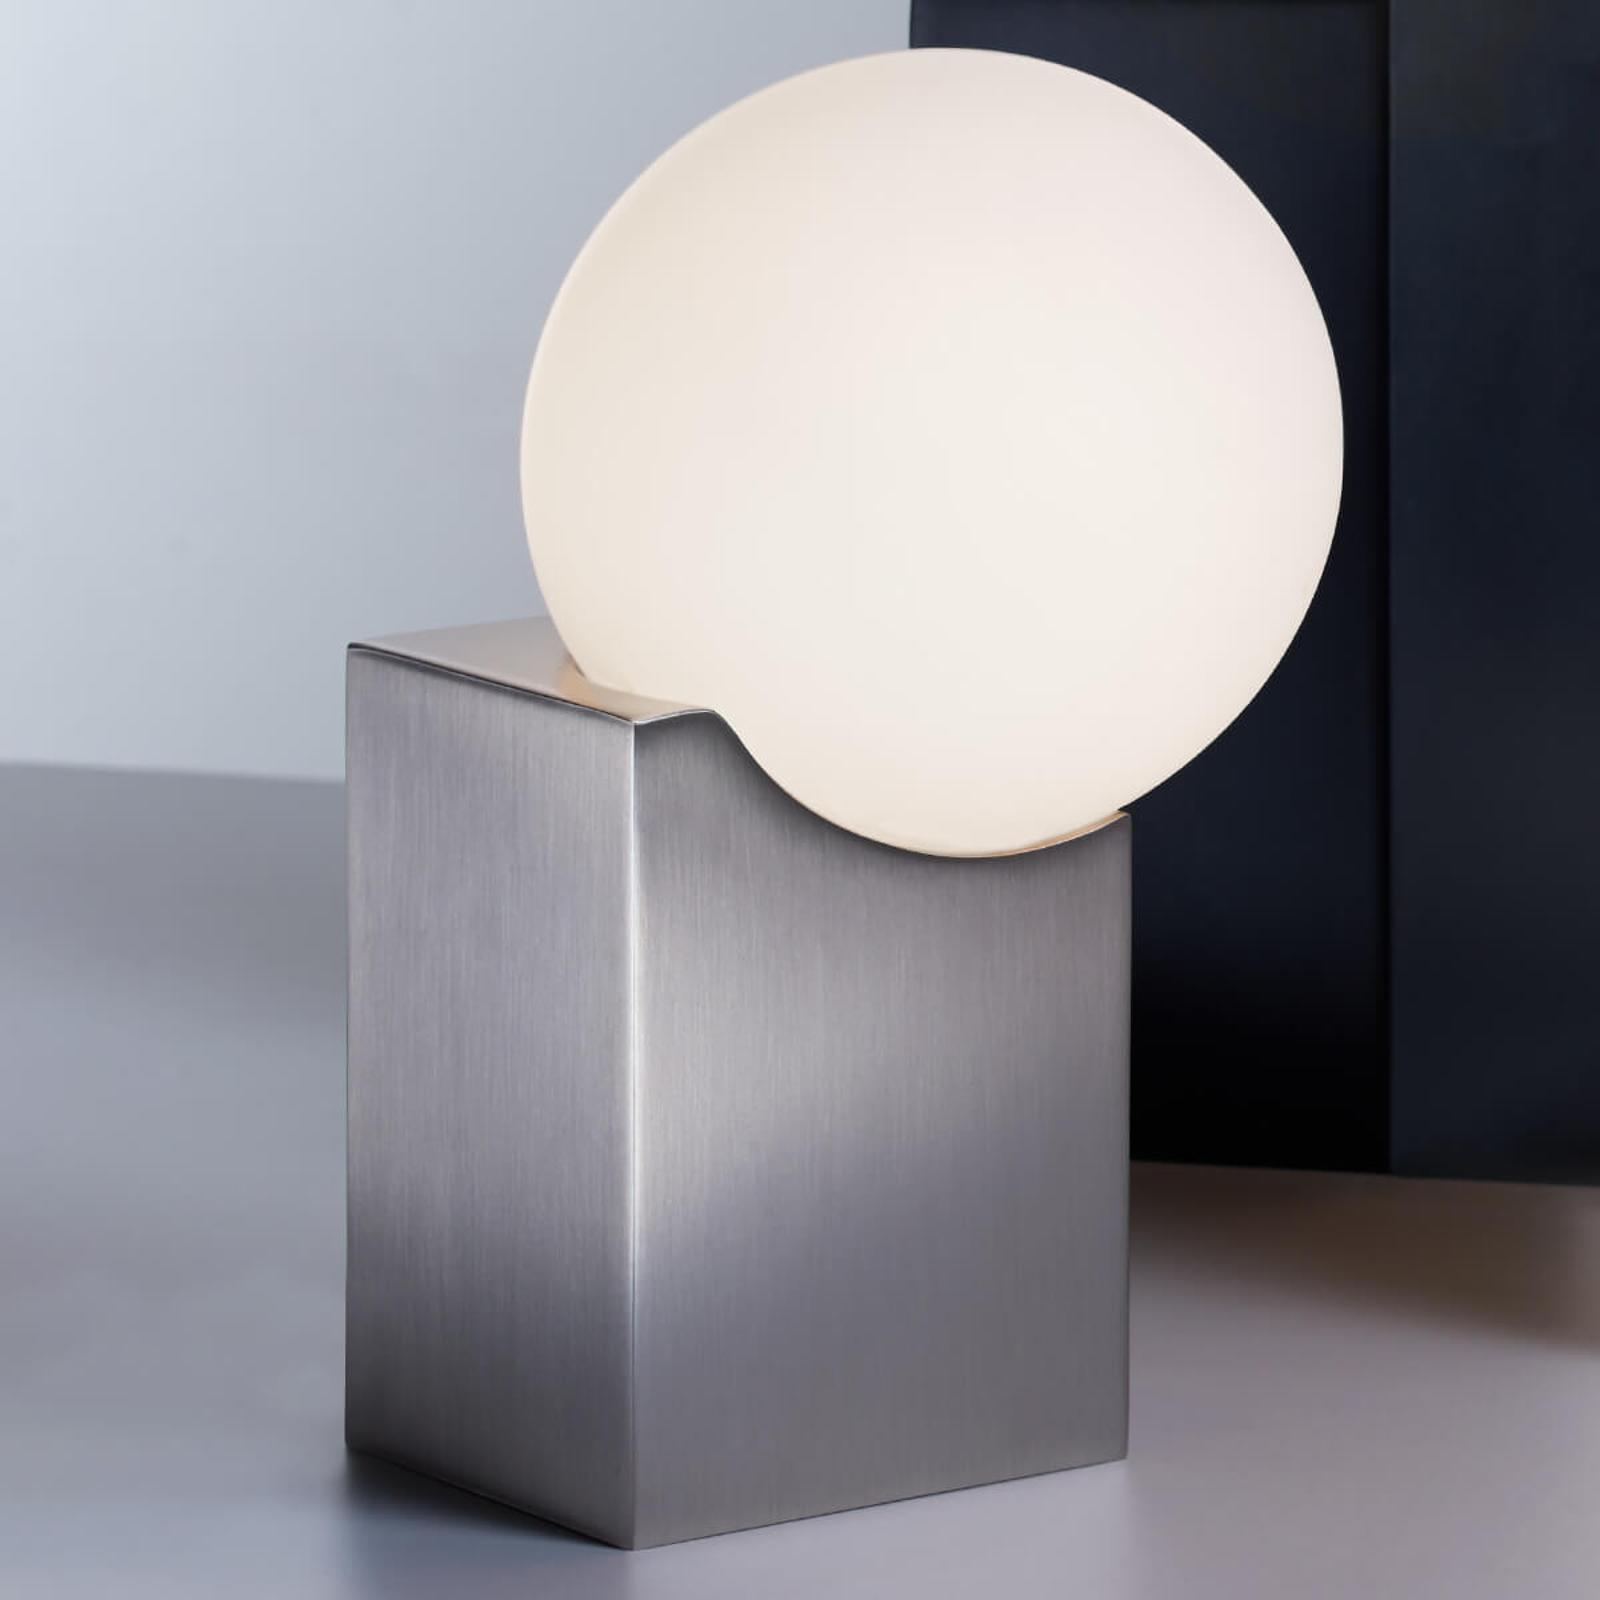 Tafellamp Cub 17,5 cm nikkel mat